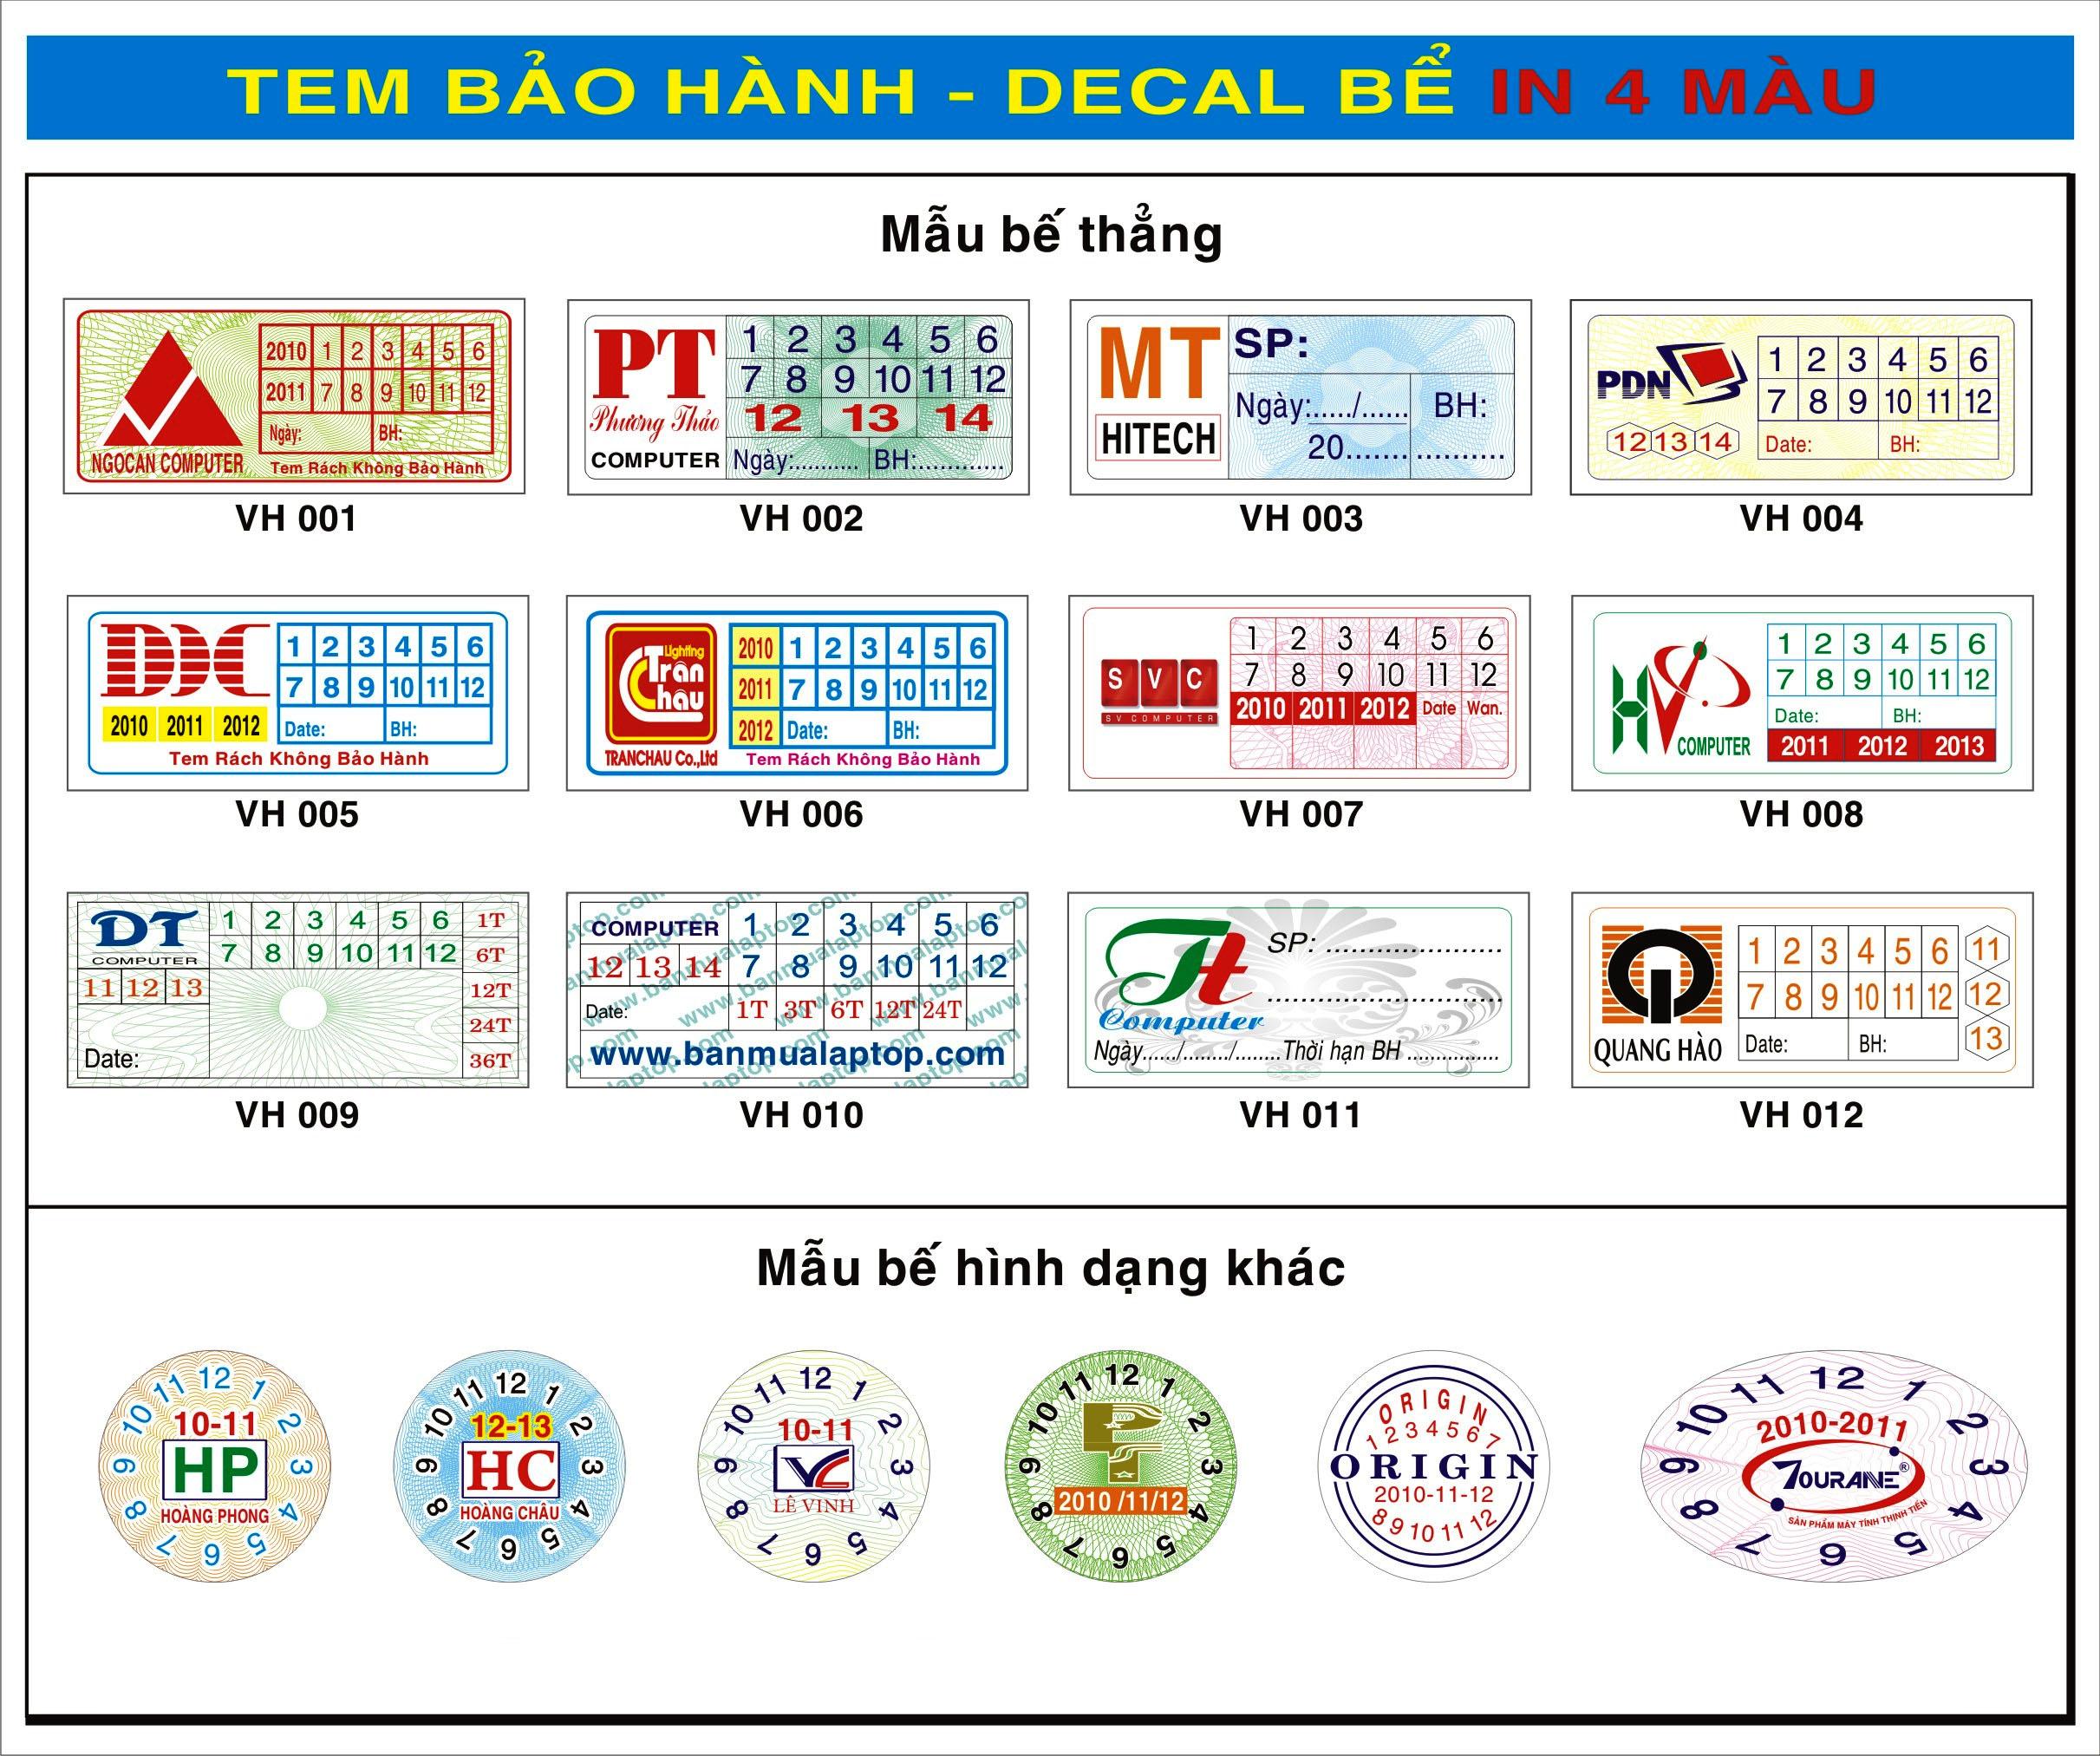 In tem lấy nhanh tại Thanh Xuân. In tem vỡ lấy trong ngày